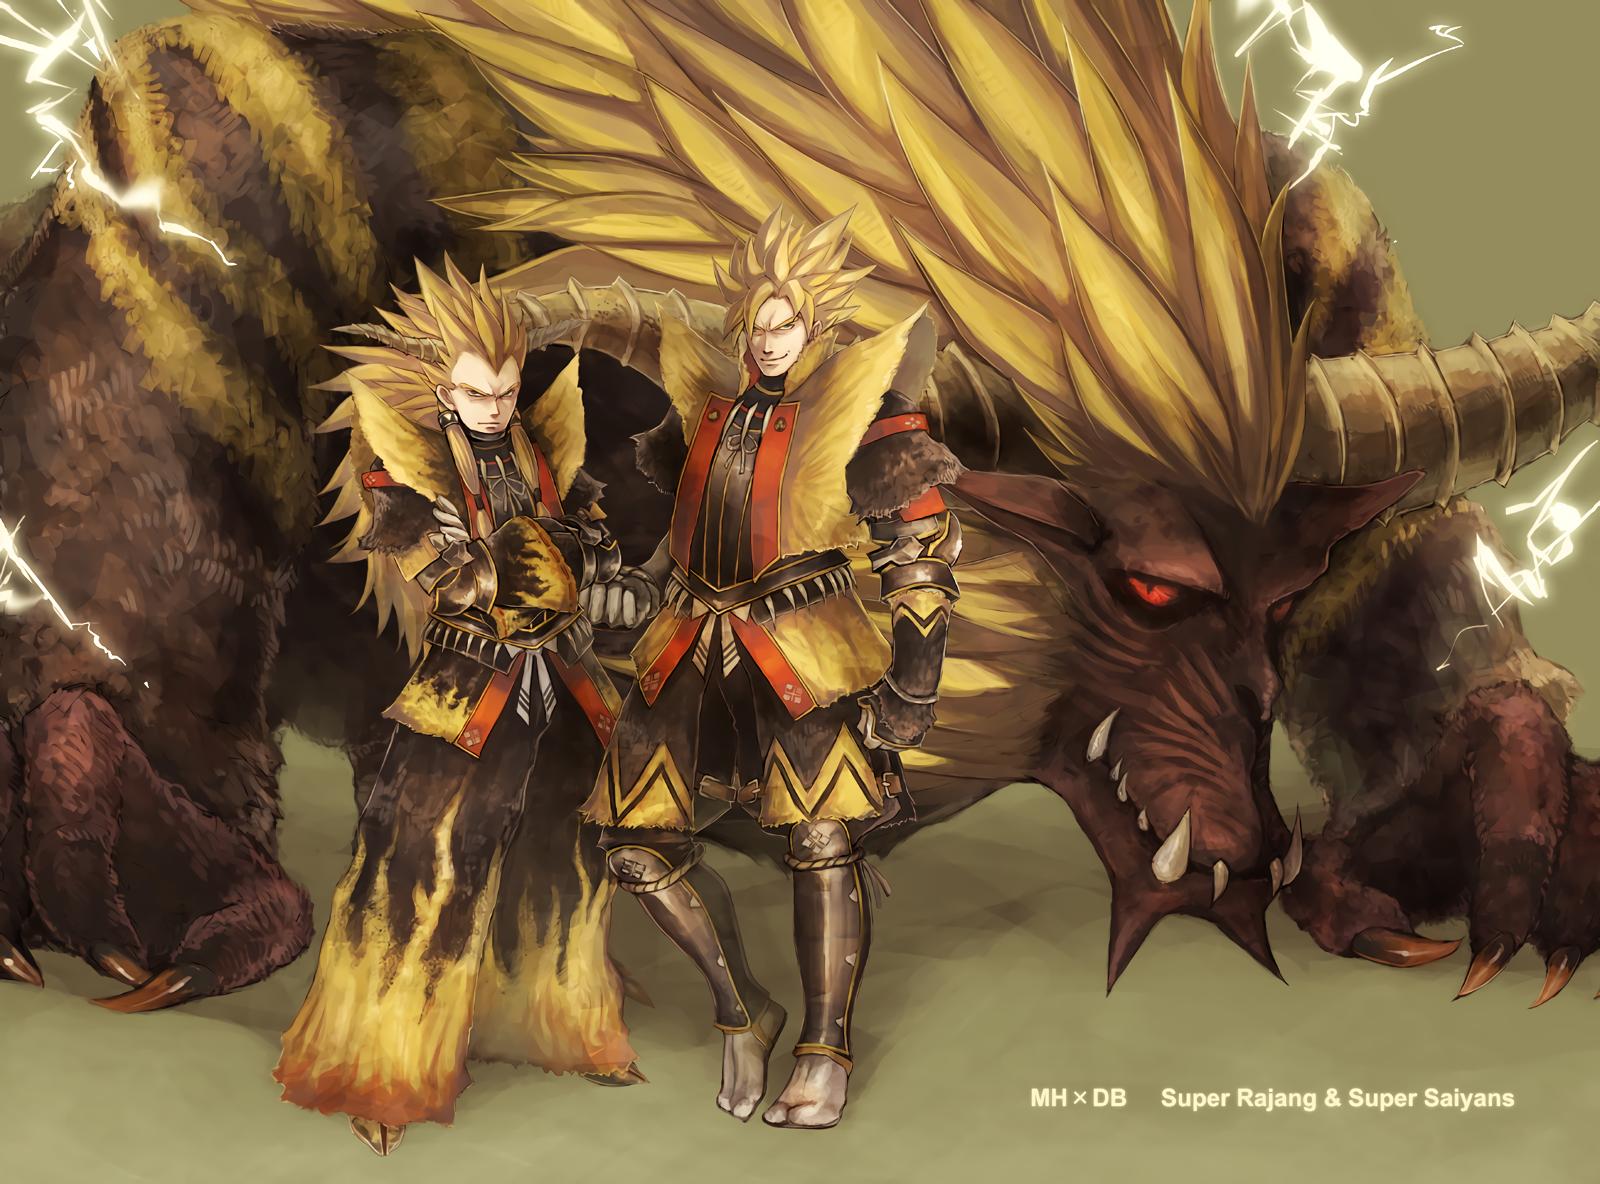 Anime - Crossover  Dragon Ball Z Rajang (Monster Hunter) Super Saiyan Vegeta (Dragon Ball) Goku Monster Hunter Wallpaper